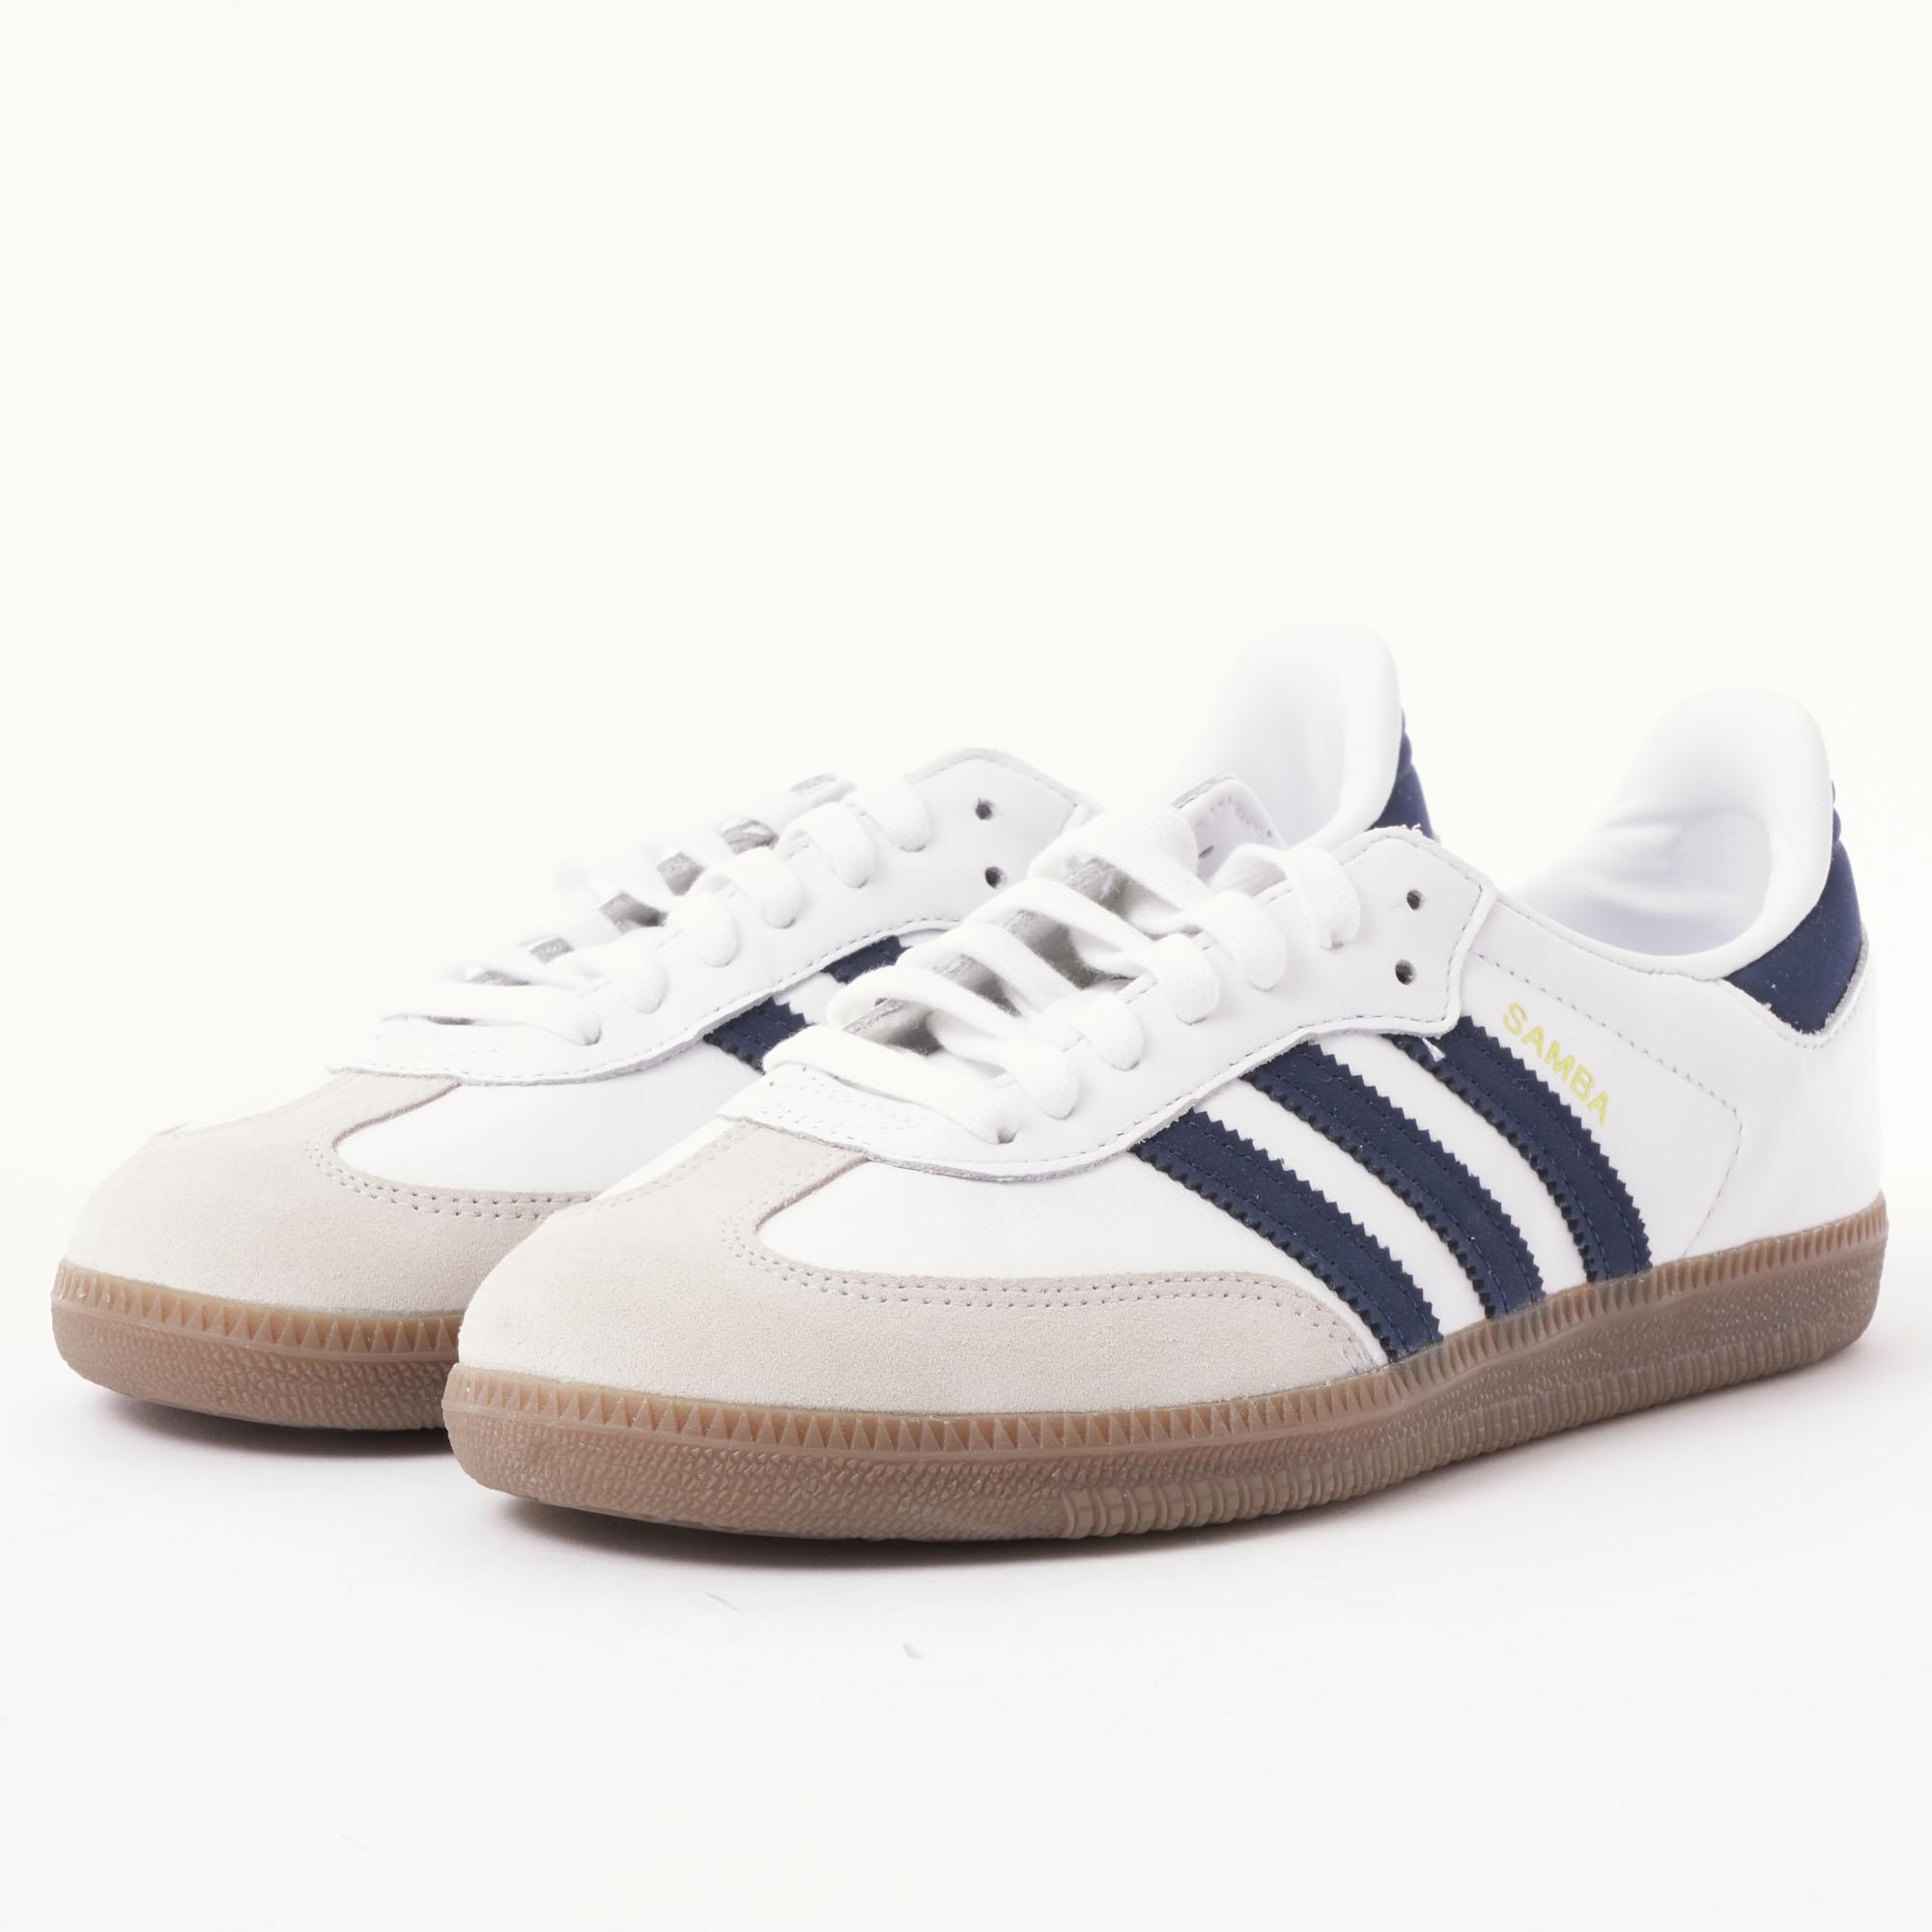 adidas Originals Samba Og - White   Navy in White for Men - Lyst 0a4c09625